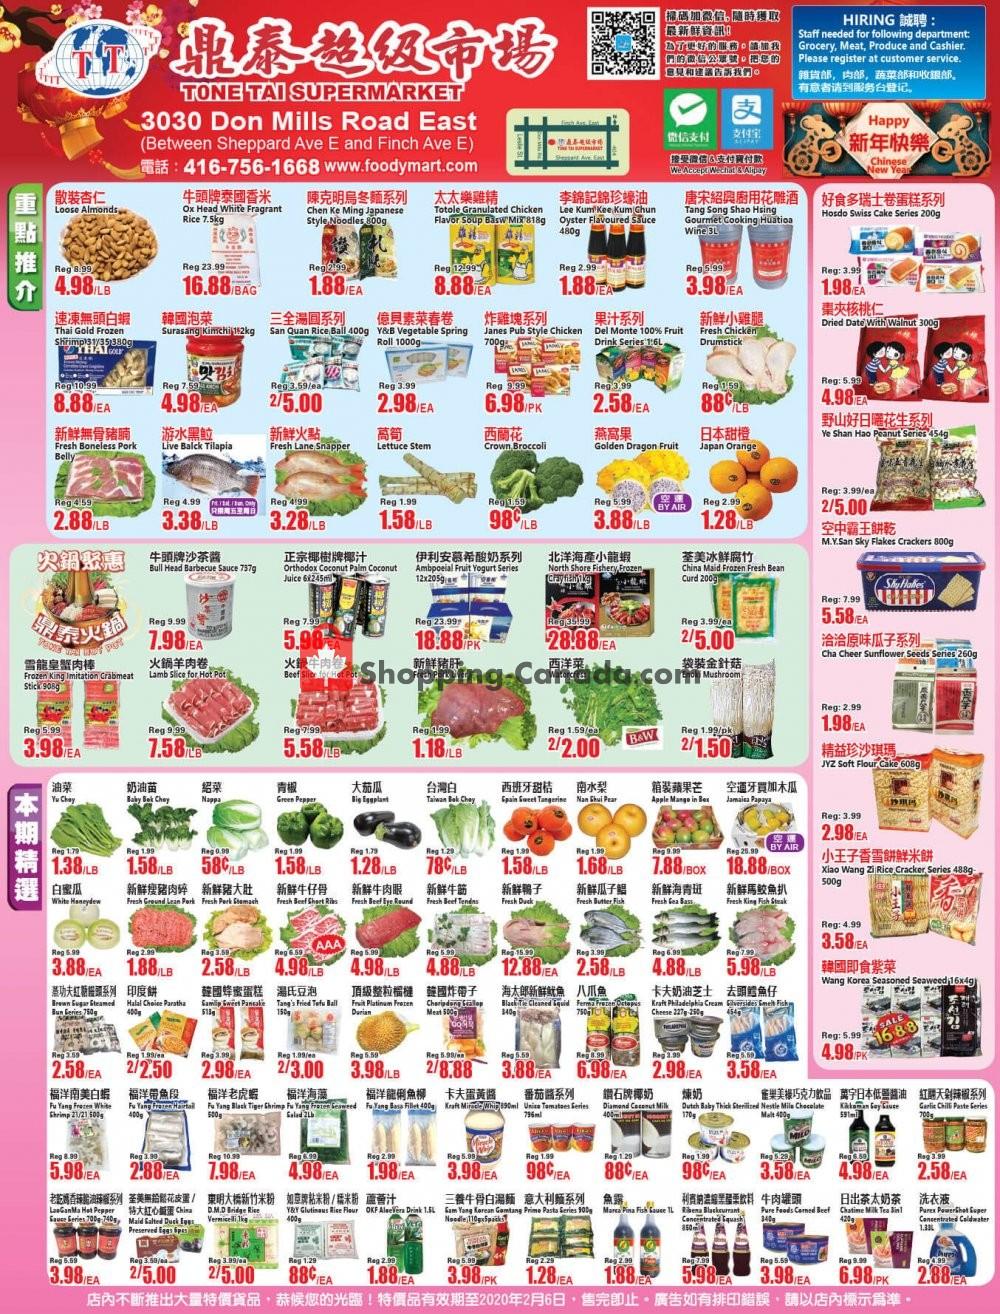 Flyer Tone Tai Supermarket Canada - from Friday January 31, 2020 to Thursday February 6, 2020